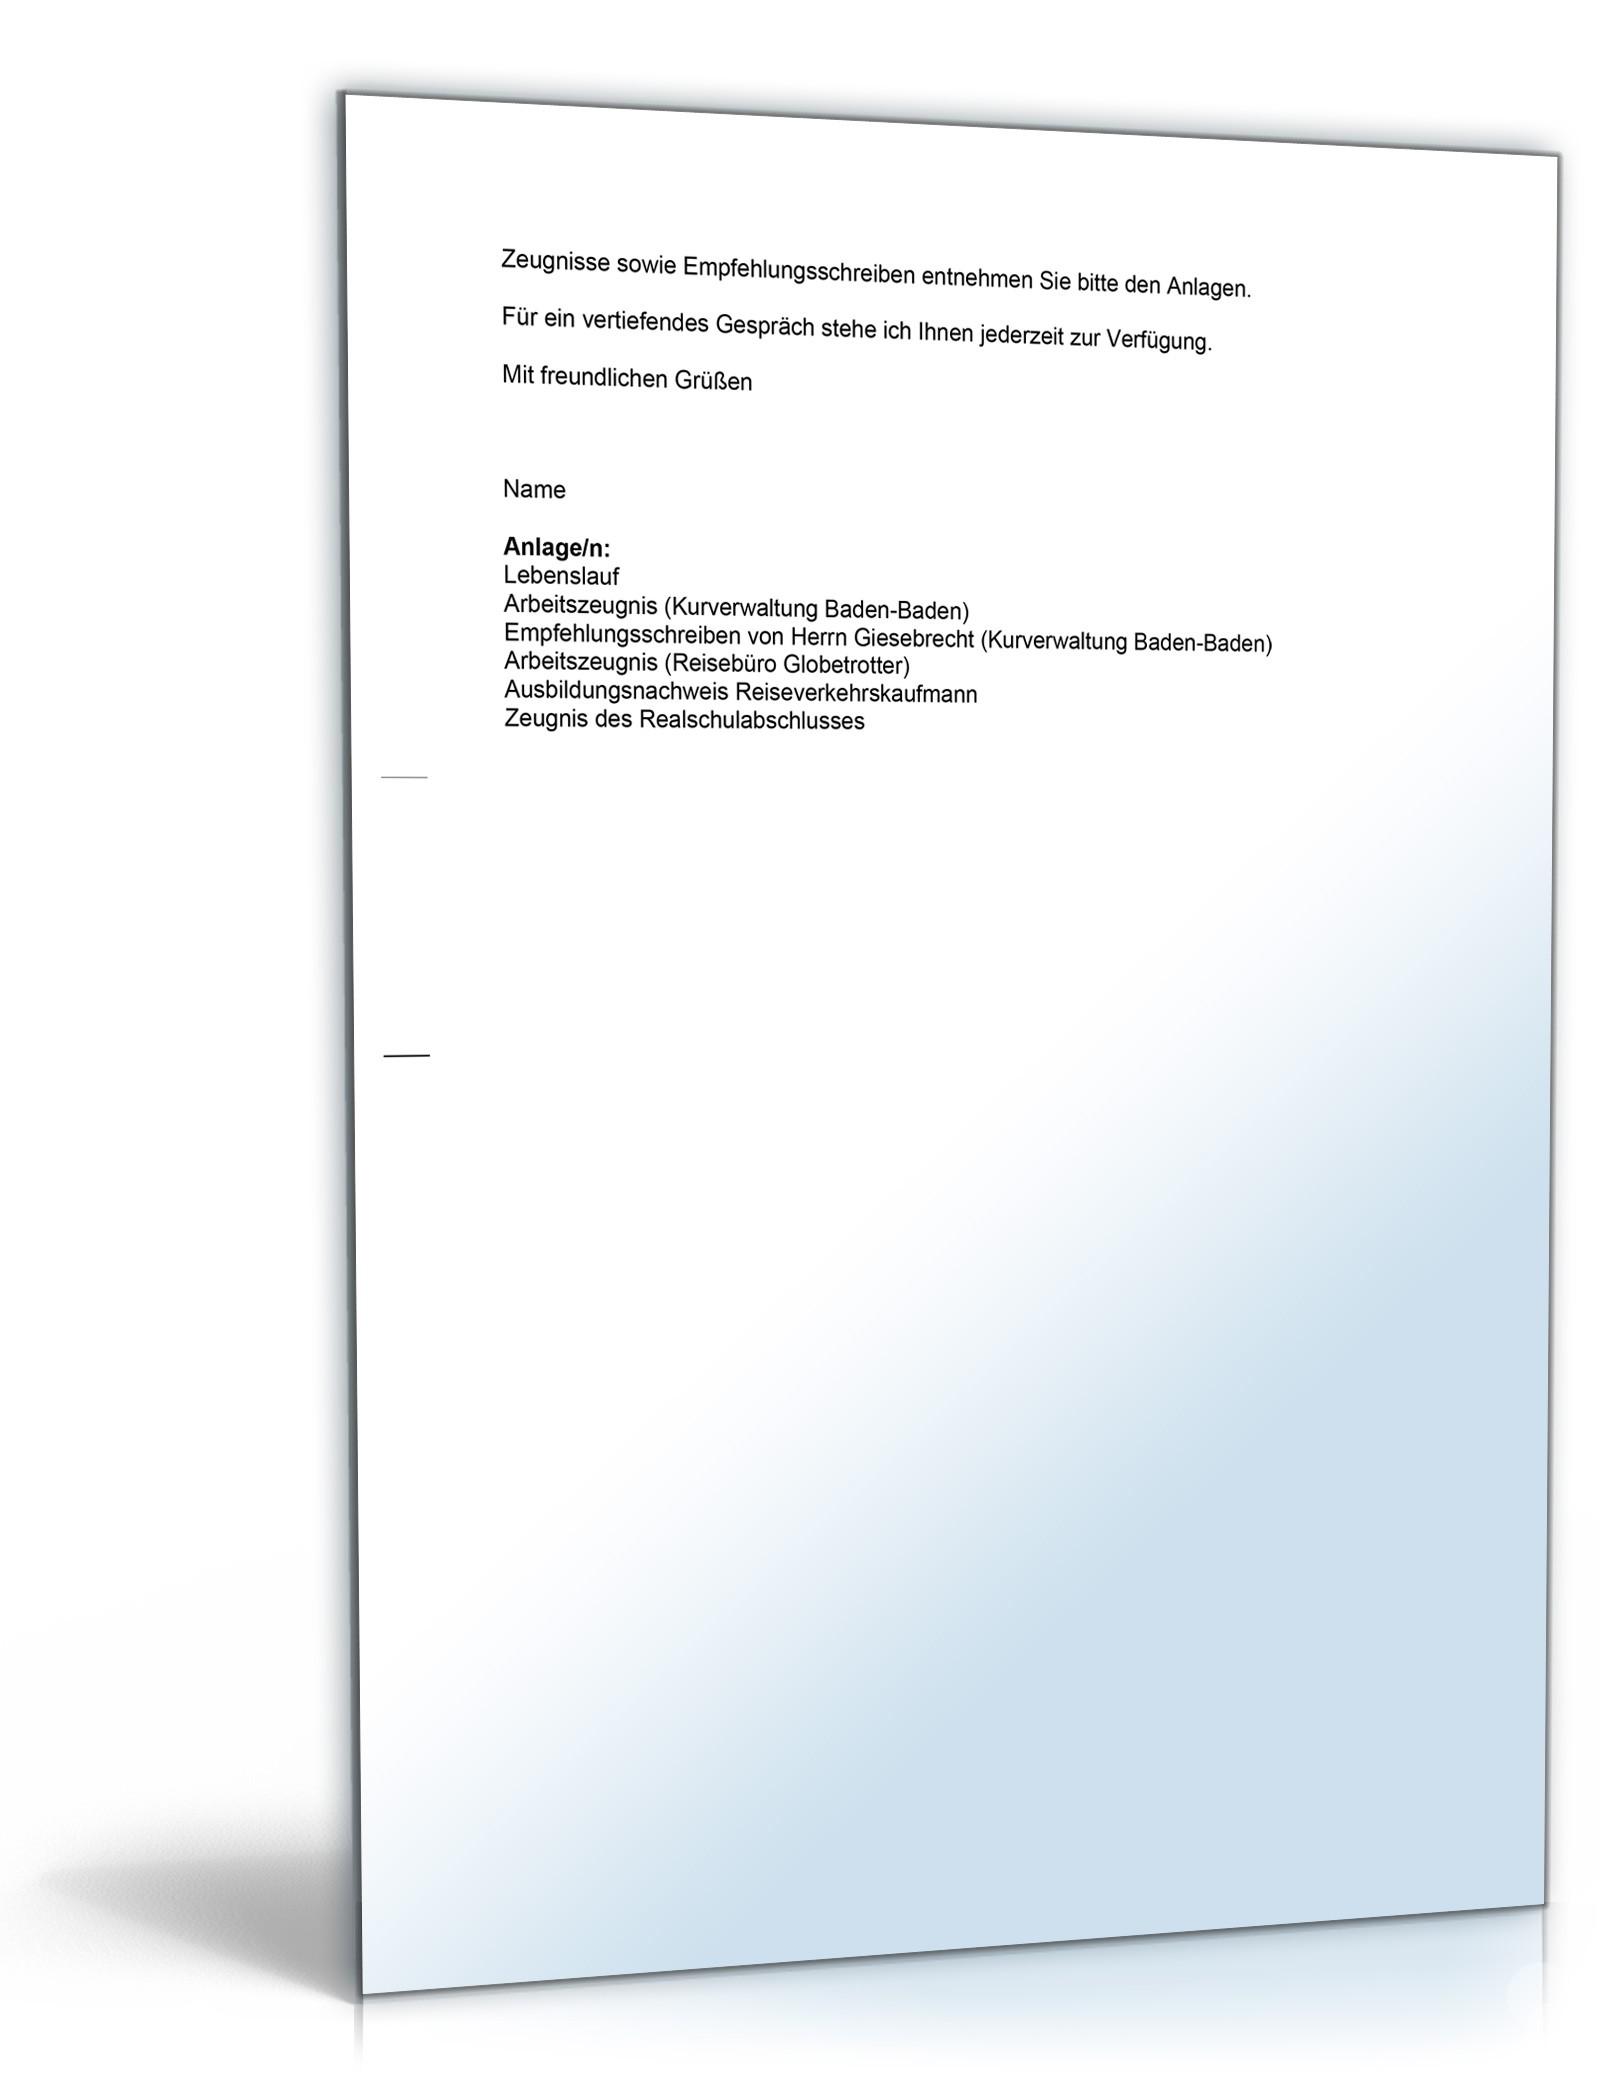 Anschreiben Bewerbung Reiseverkehrskauffrau | Muster zum Download